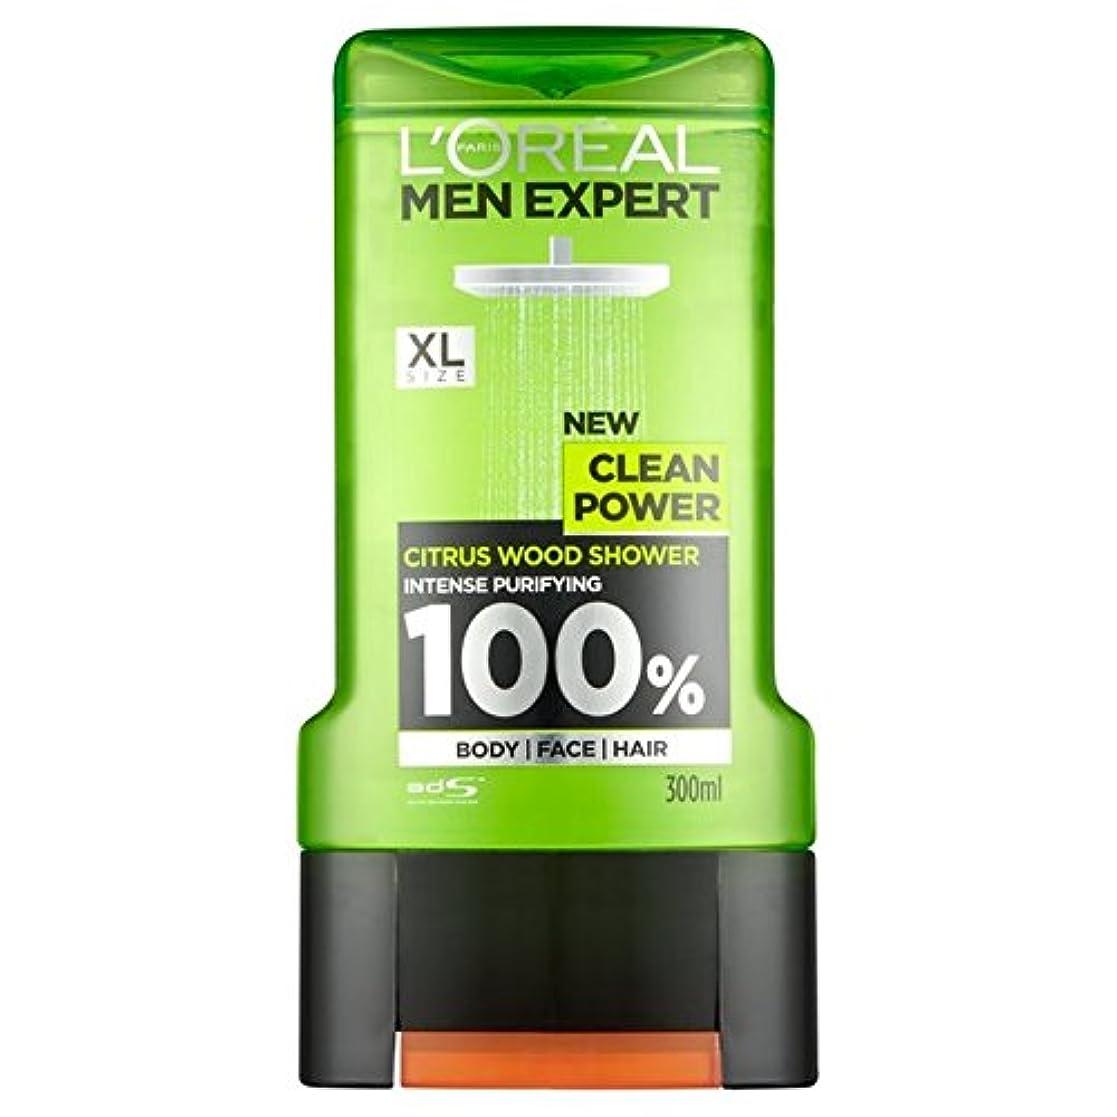 ミトンずっと気晴らしロレアルパリの男性の専門家クリーンパワーシャワージェル300ミリリットル x2 - L'Oreal Paris Men Expert Clean Power Shower Gel 300ml (Pack of 2) [並行輸入品]